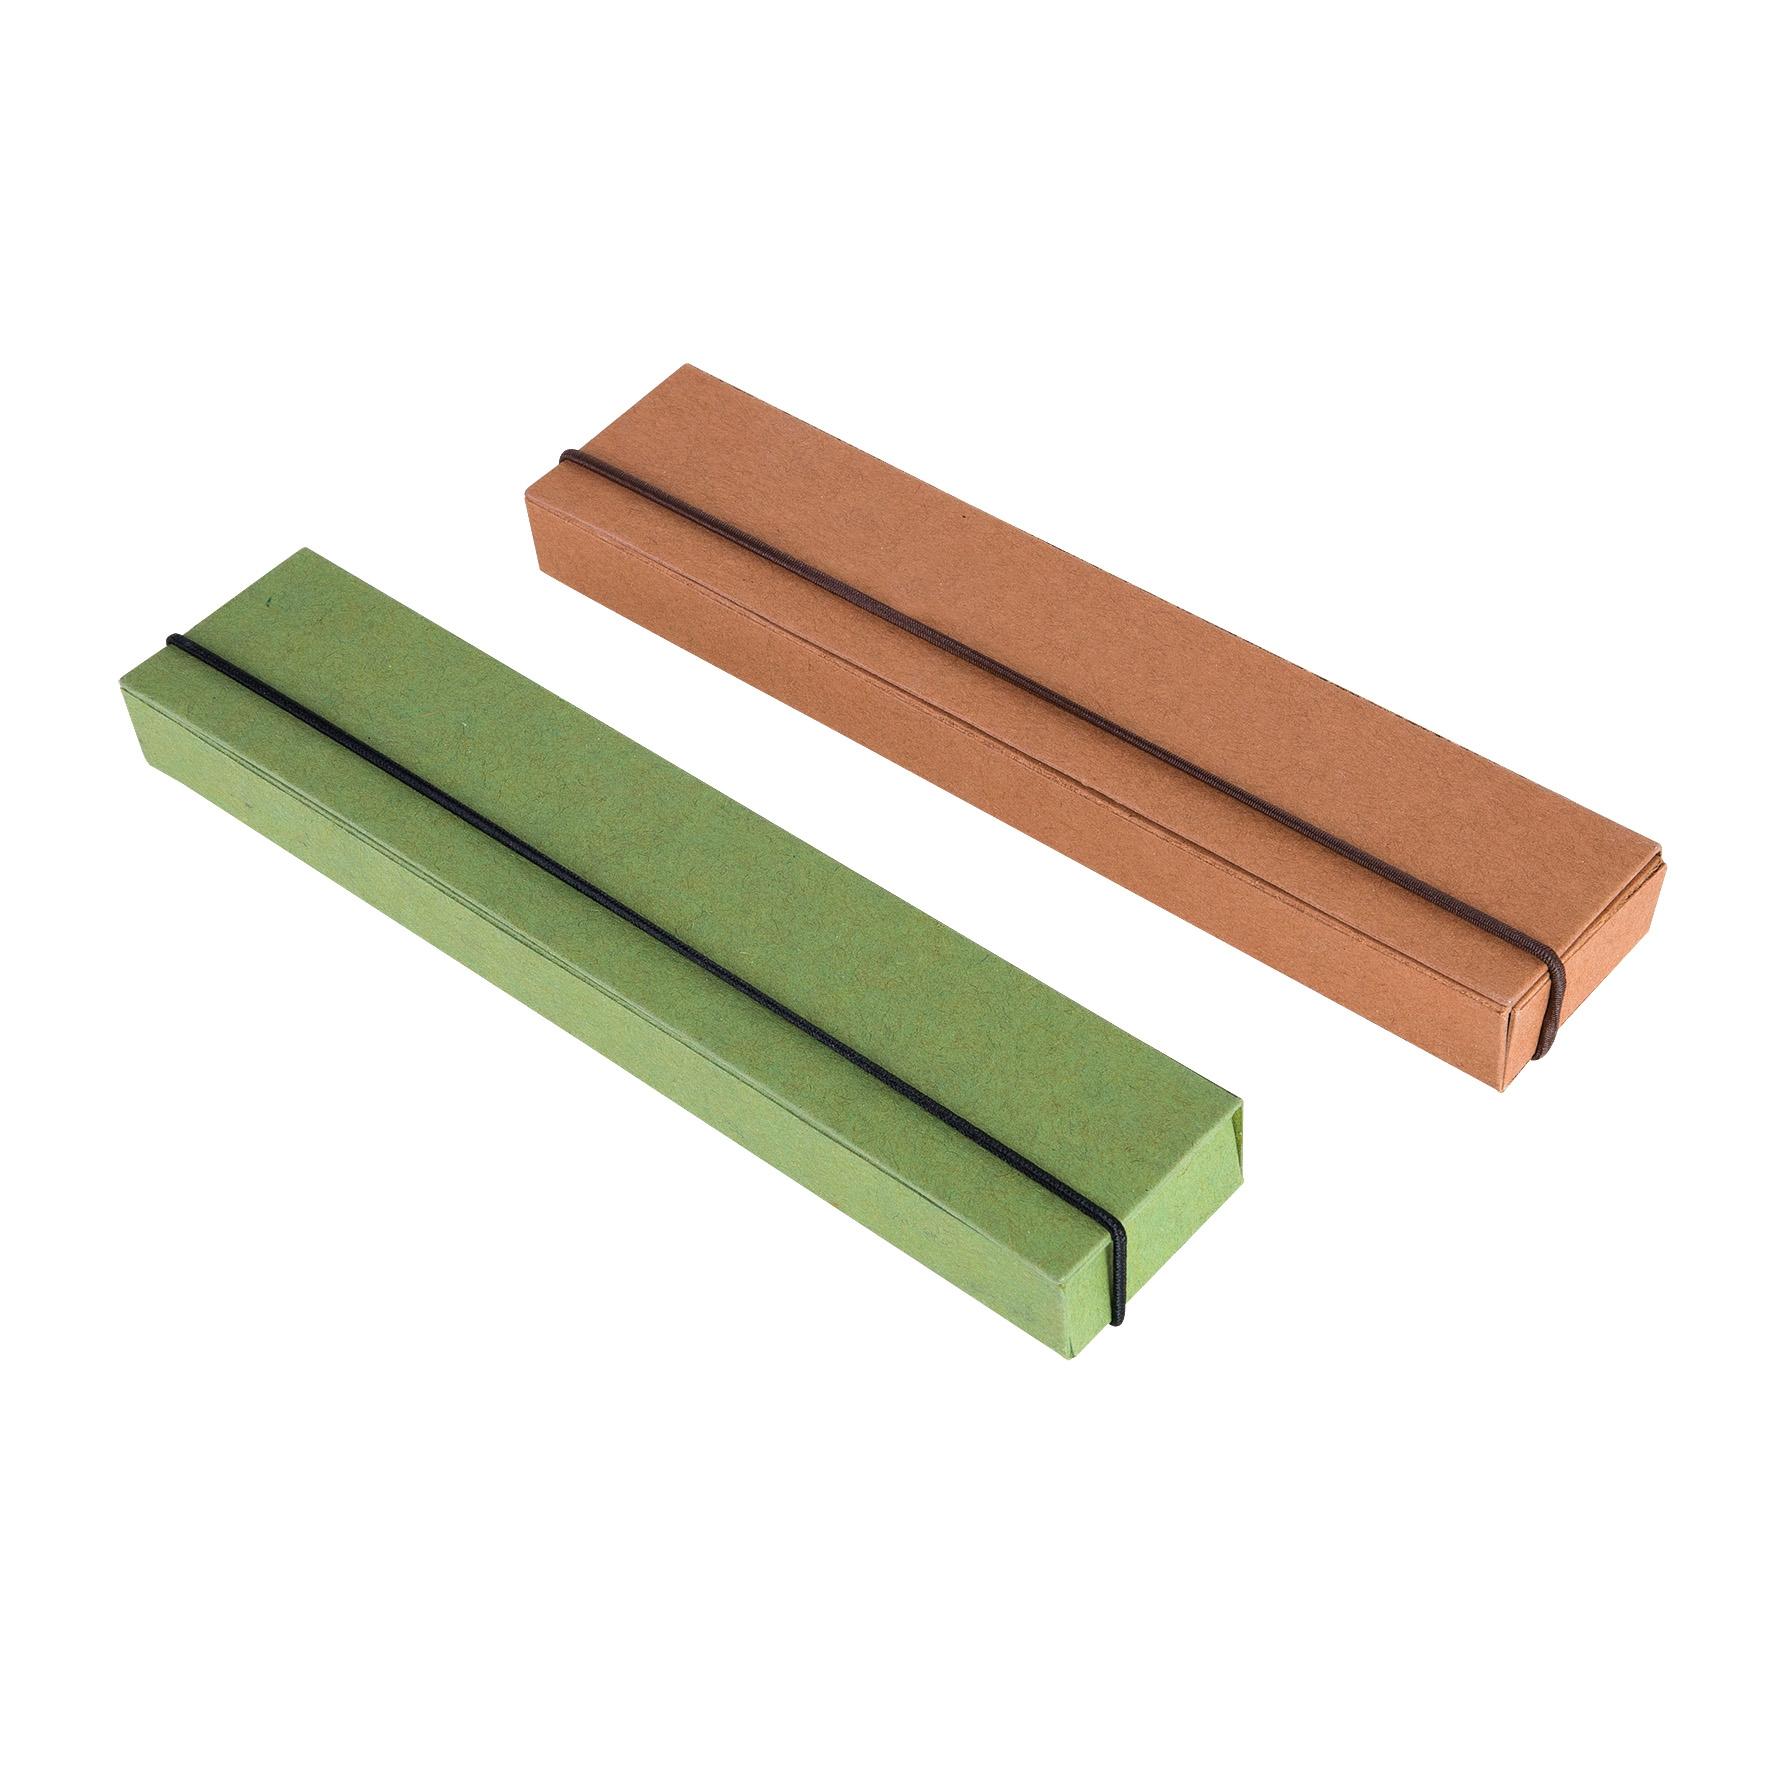 Papeterie publicitaire - Etui cadeau Clip'One Eco - vert